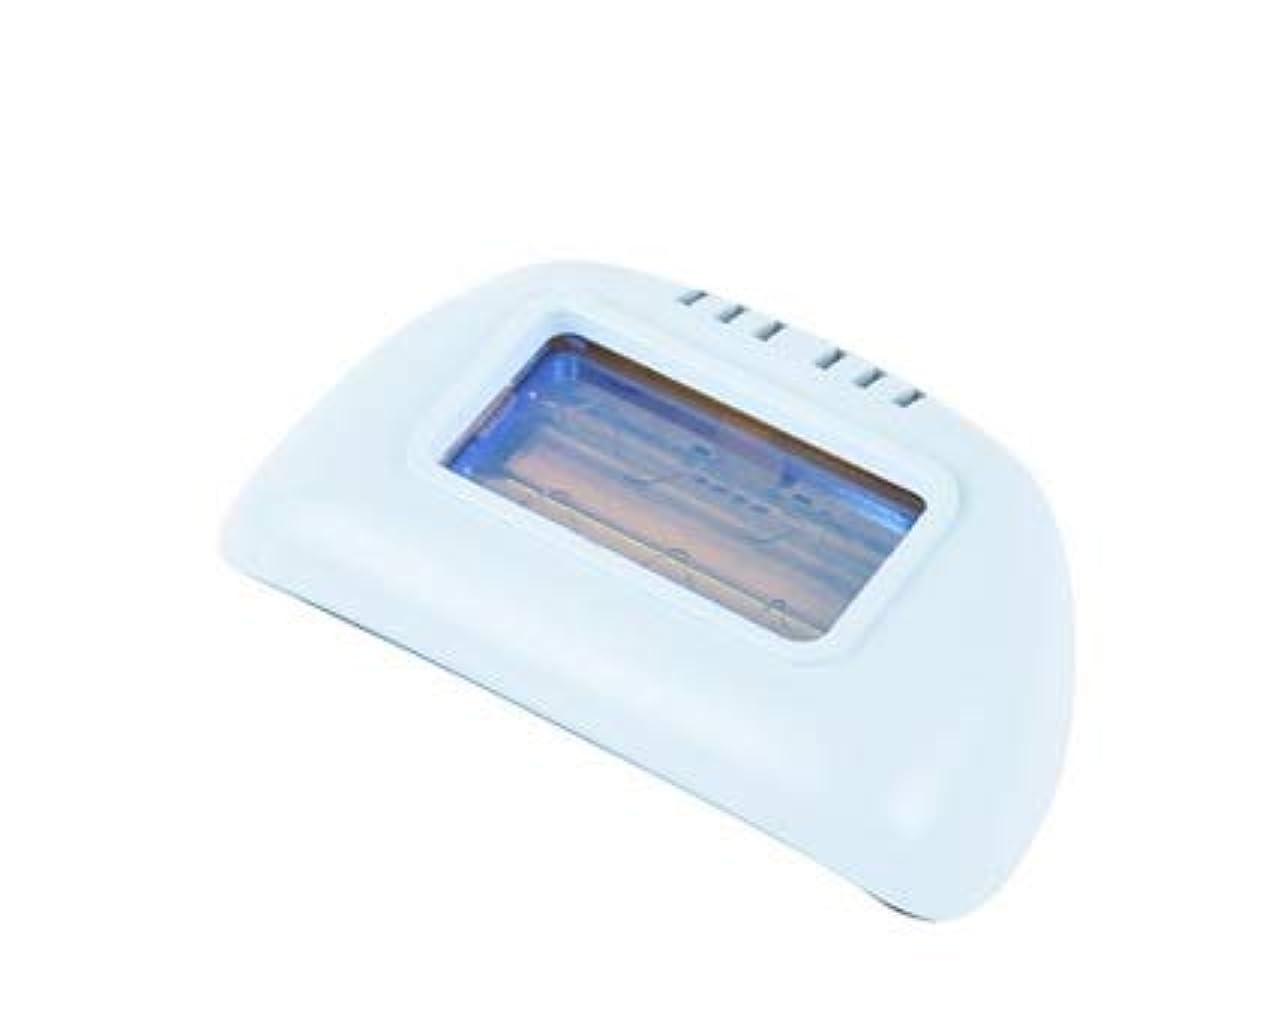 ミサイルシャッターネックレスLAVIE(ラヴィ)家庭用IPLIPL光エステ脱毛器 美顔カートリッジ